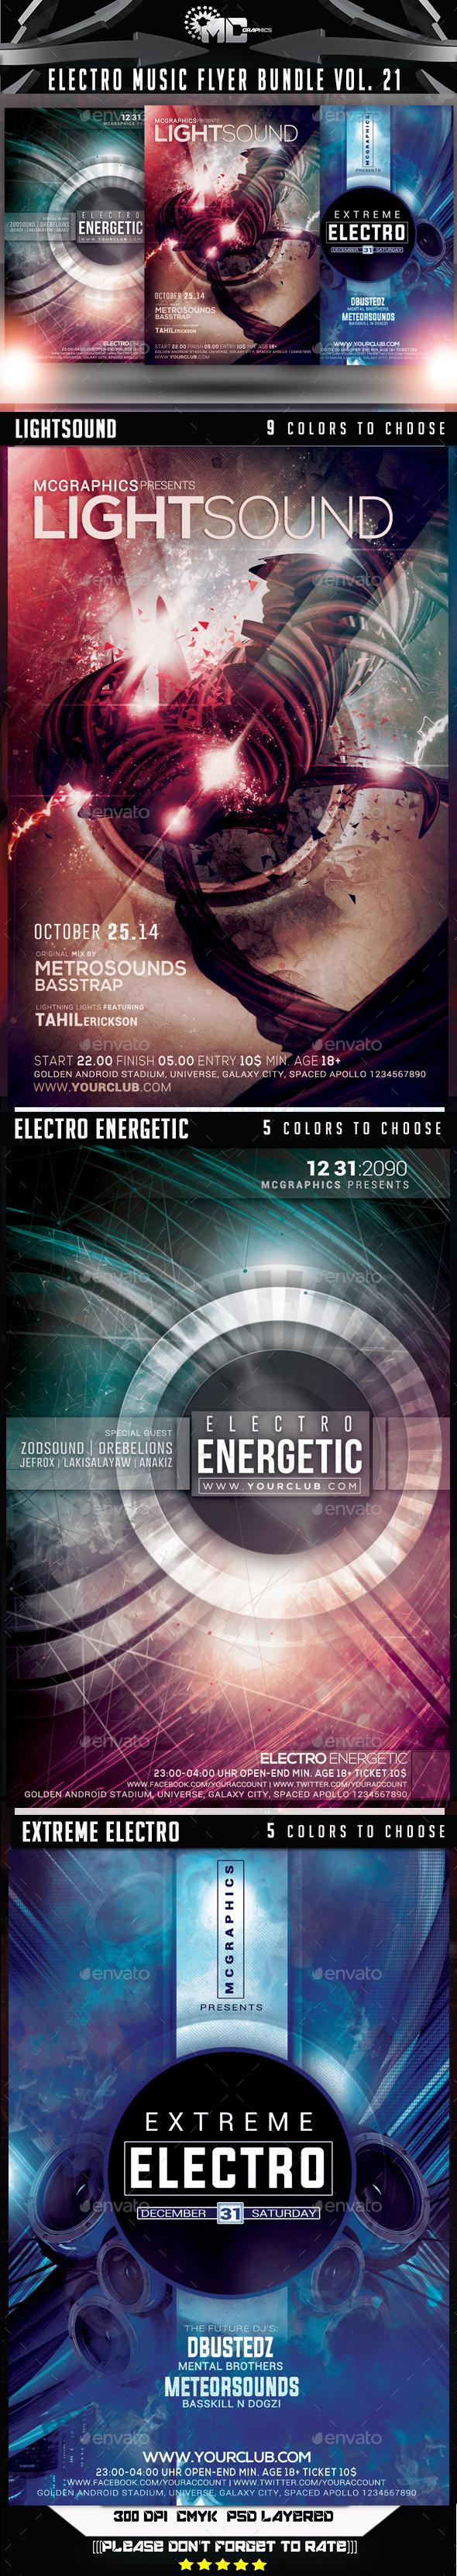 GraphicRiver Electro Music Flyer Bundle Vol 21 9458305